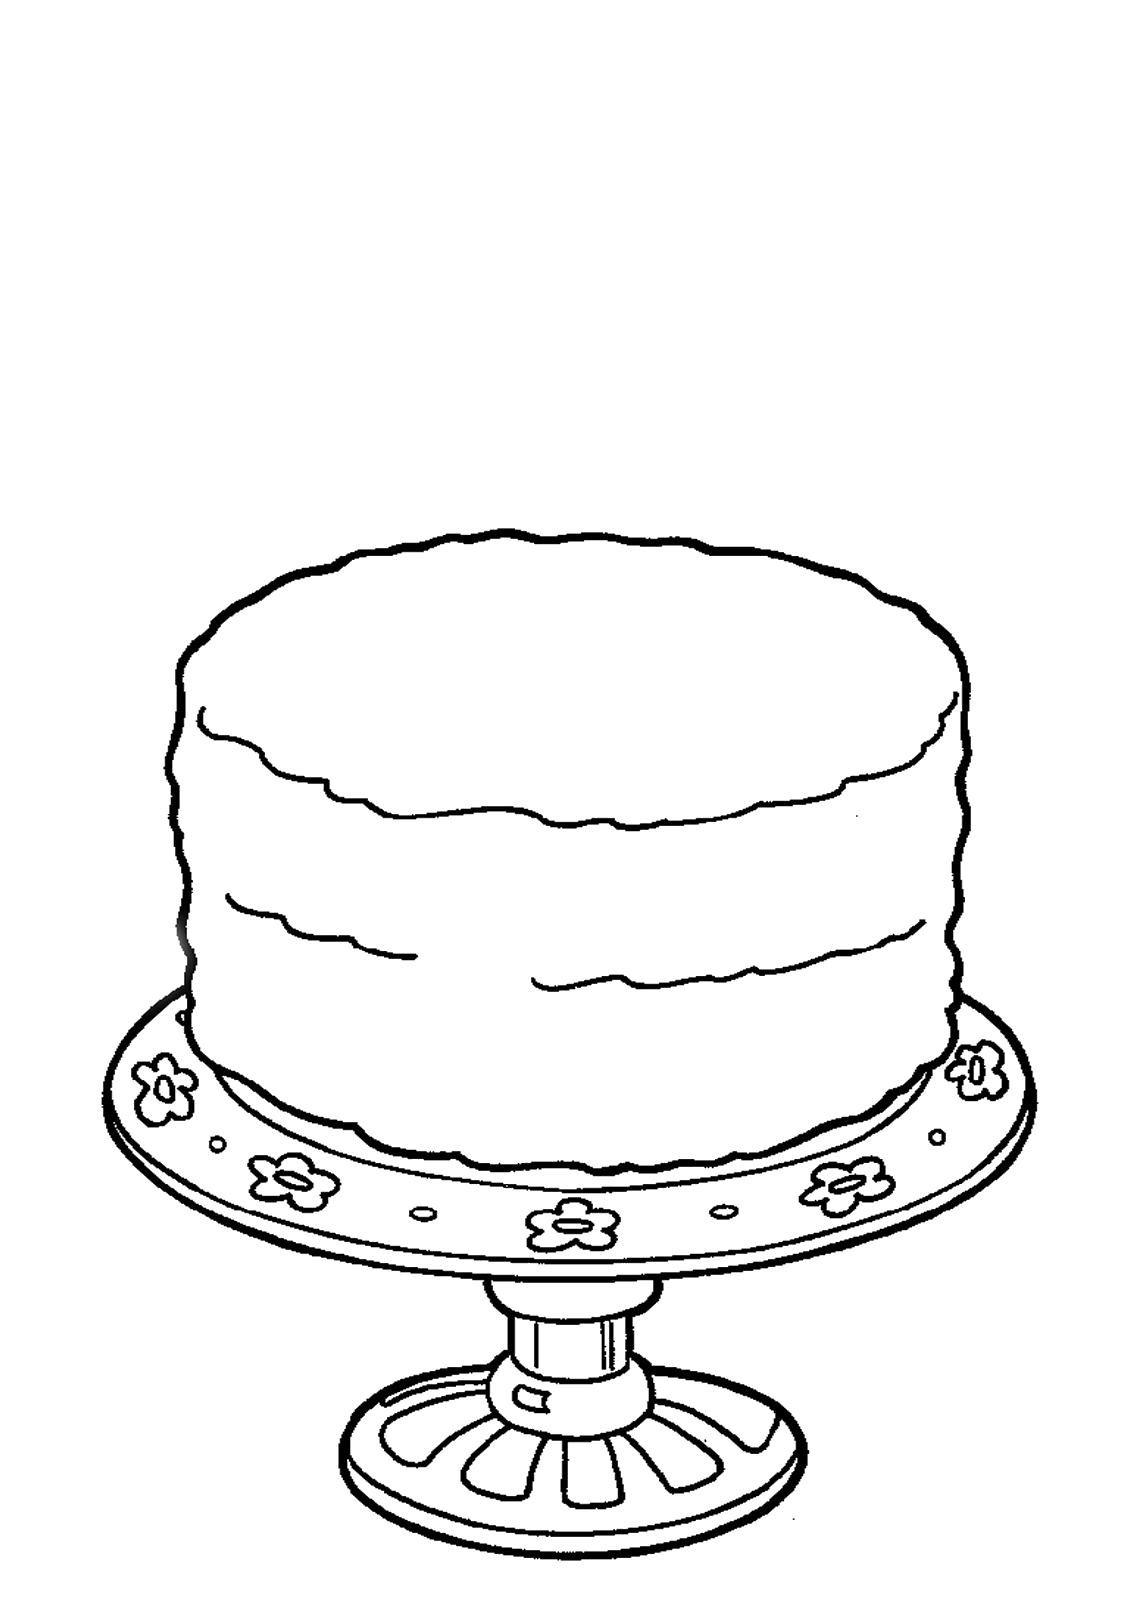 порционное шаблон картинки торта больше обжигаюсь постоянно